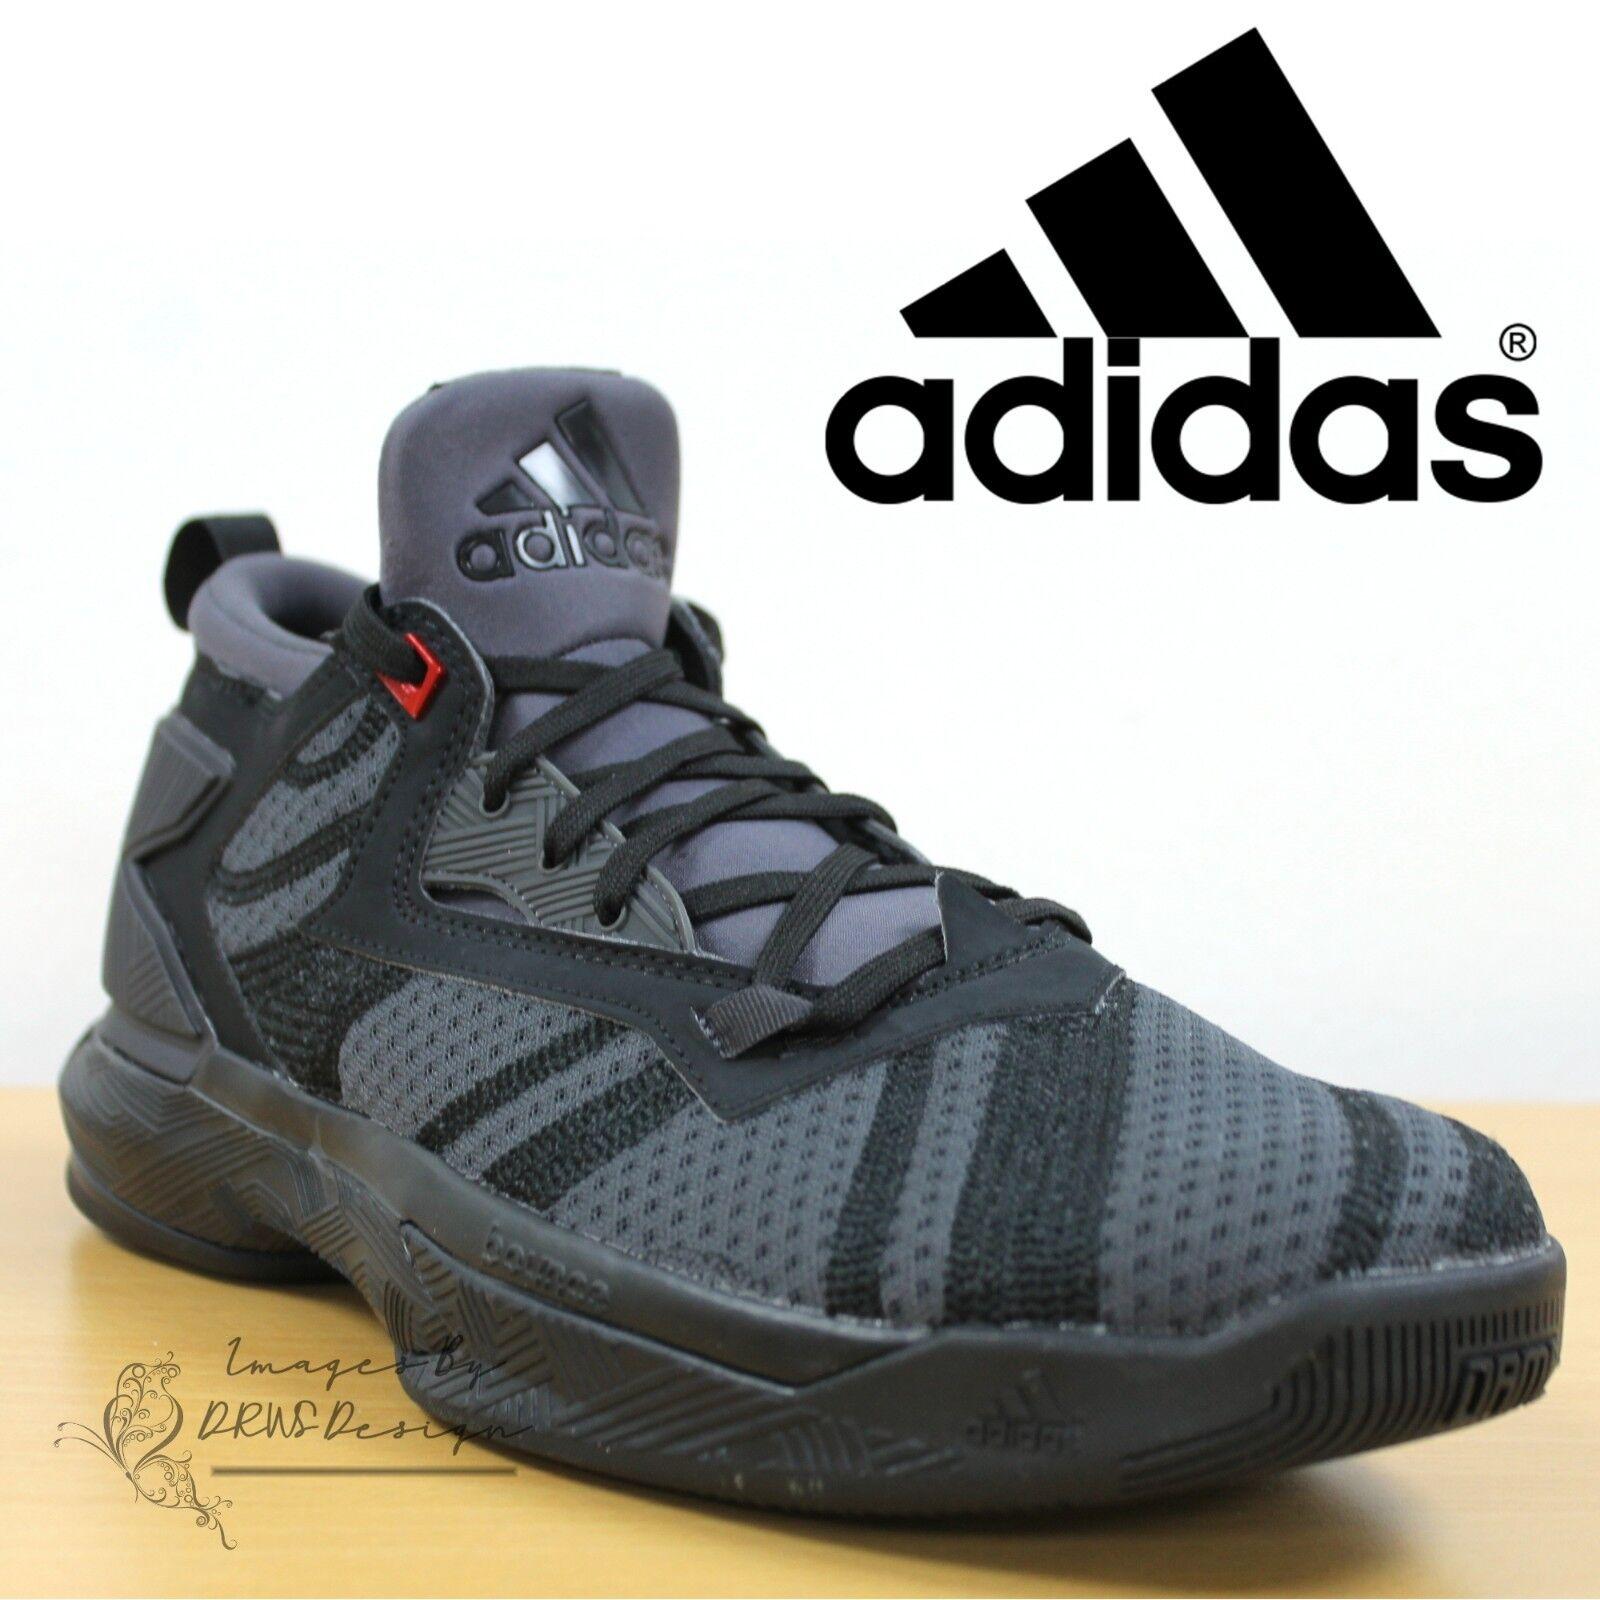 Adidas Dame Lillard 2.0 Zapatos para hombre Baloncesto